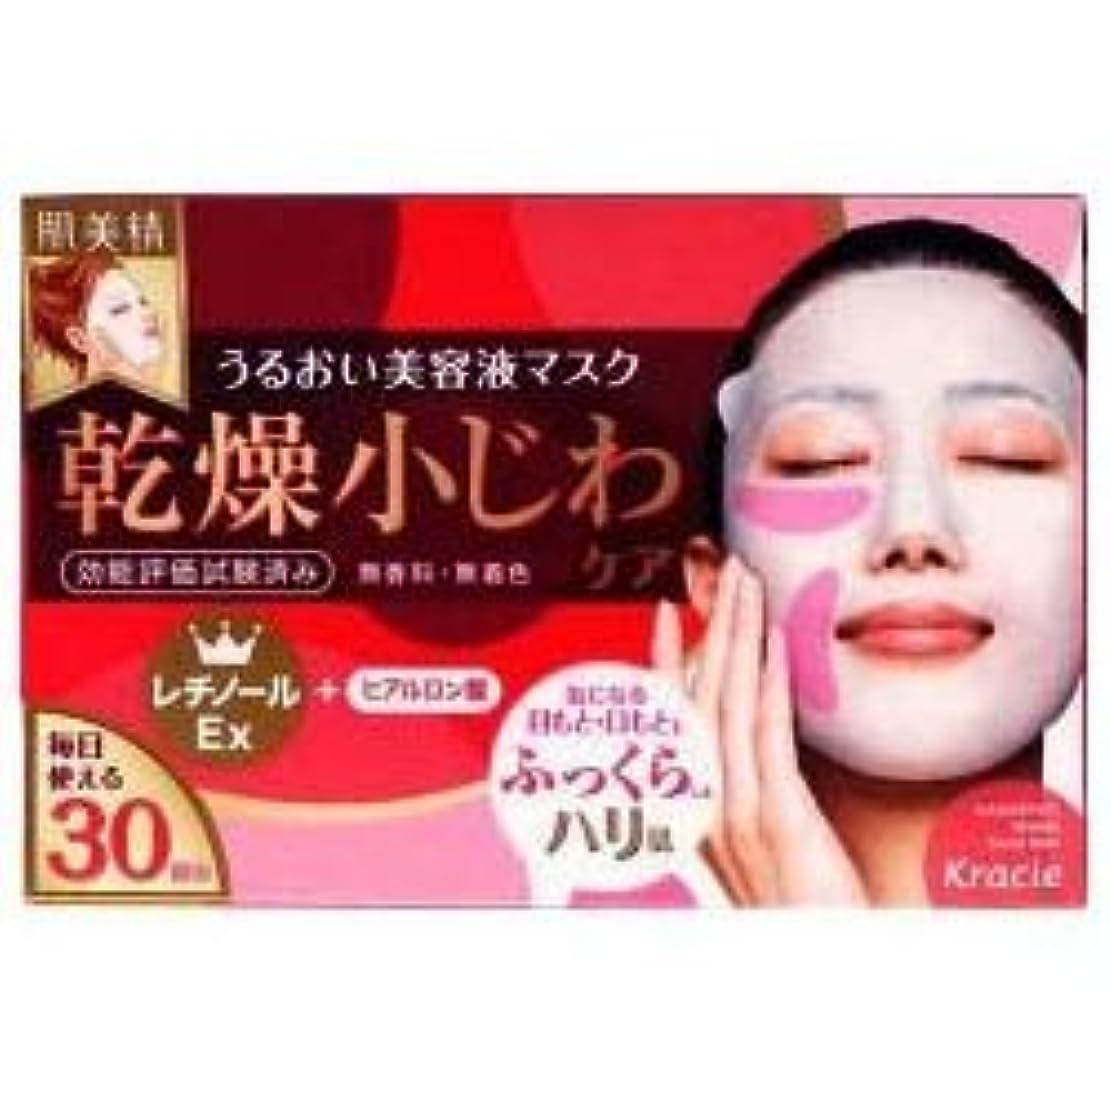 キロメートル困難甘くする【クラシエ】肌美精 デイリーリンクルケア美容液マスク 30枚 ×5個セット